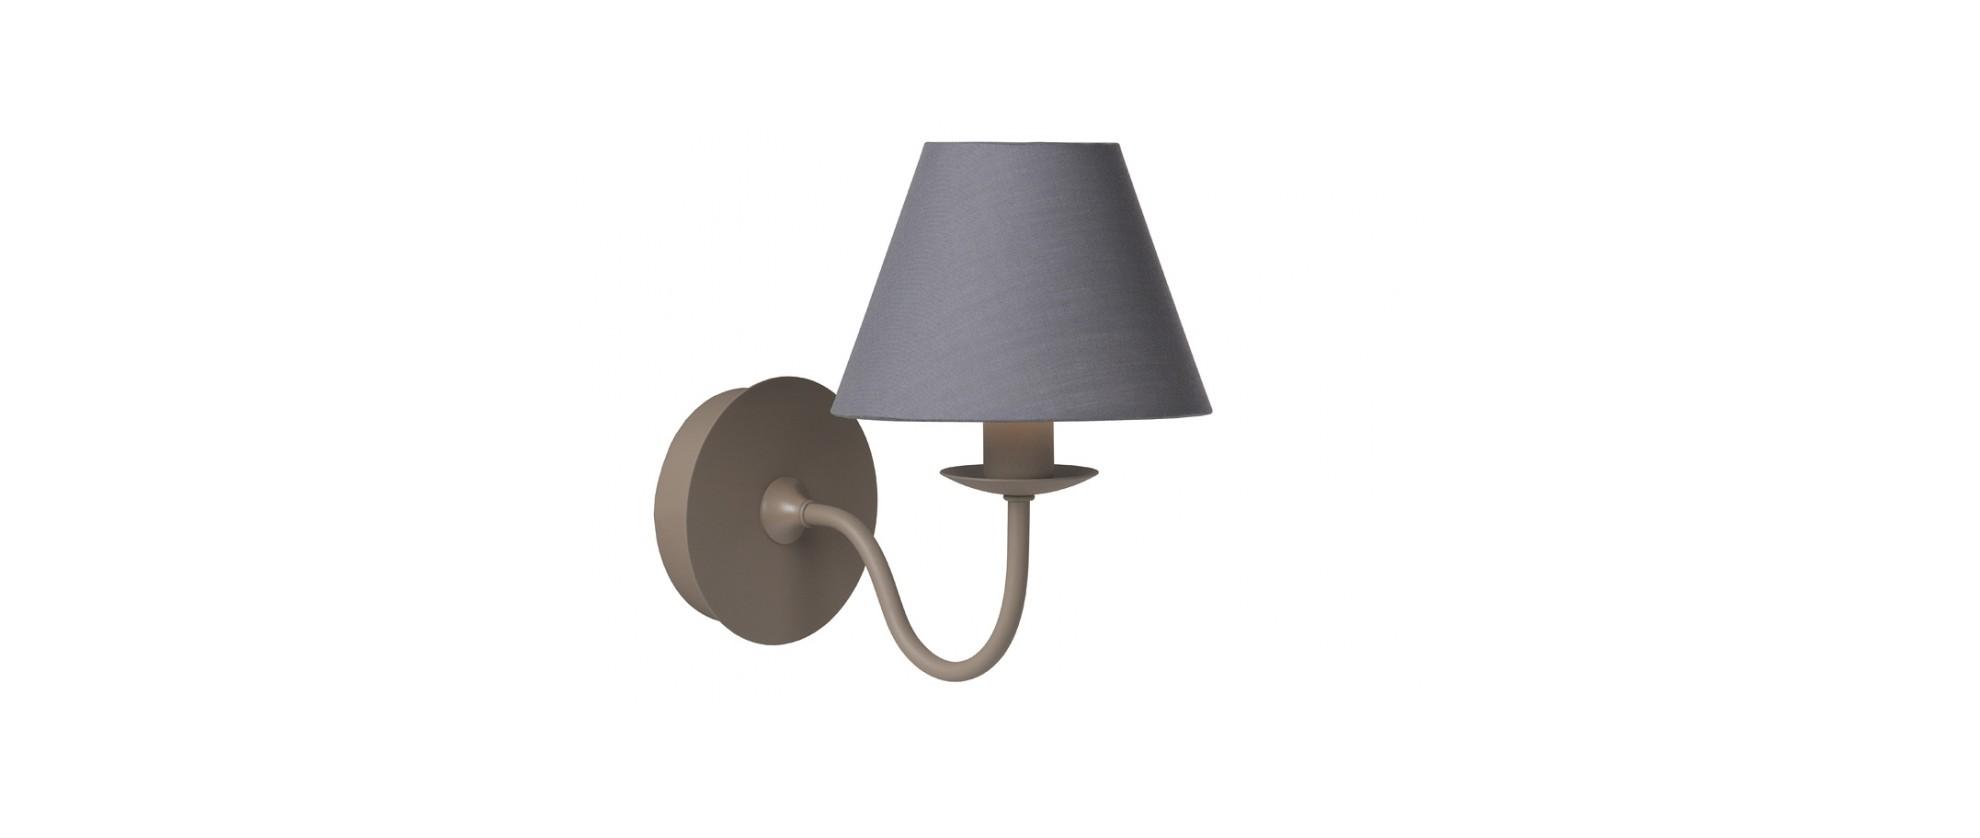 Настенный светильник CAMPAGNEБра<br>основание: металл<br>абажур: ткань/серая<br>ширина: 14 см<br>высота: 21 см<br>E14, 40W<br><br>Material: Металл<br>Ширина см: 14<br>Высота см: 21